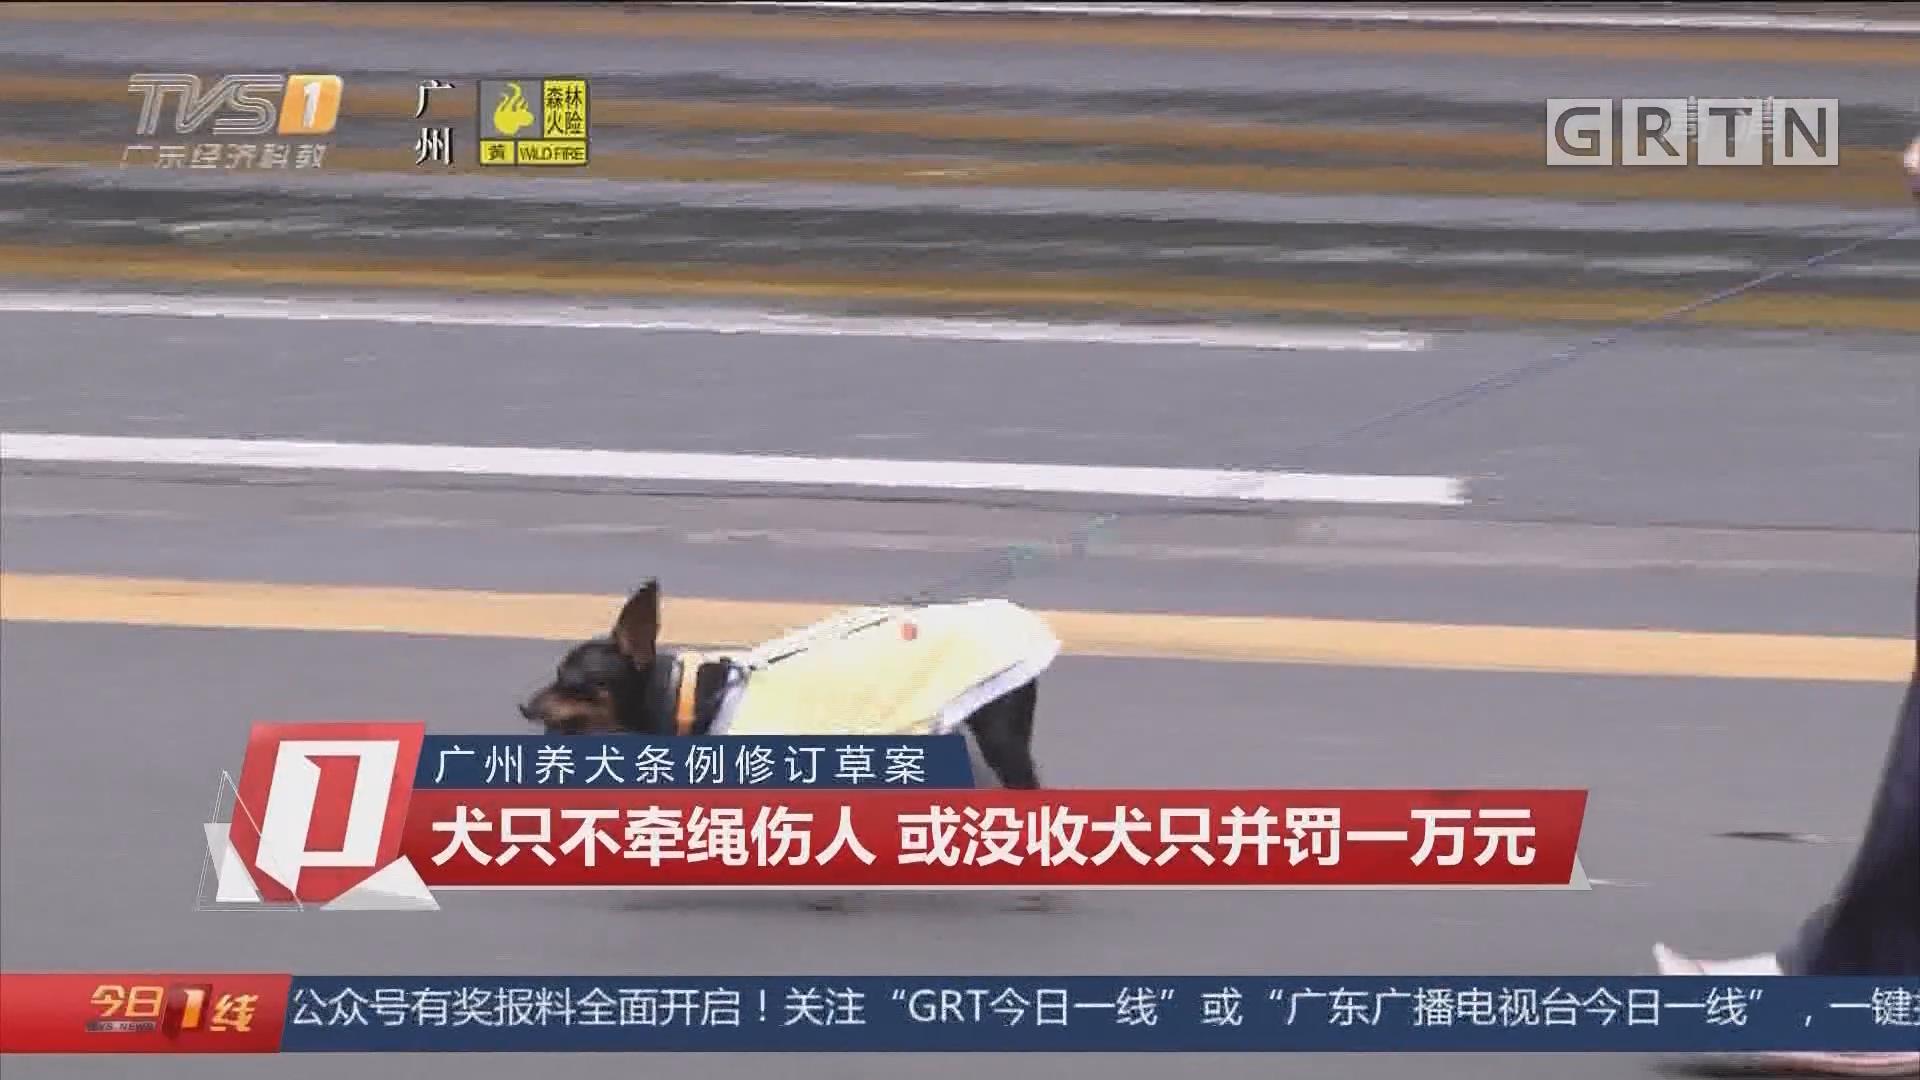 广州养犬条例修订草案 犬只不牵绳伤人 或没收犬只并罚一万元